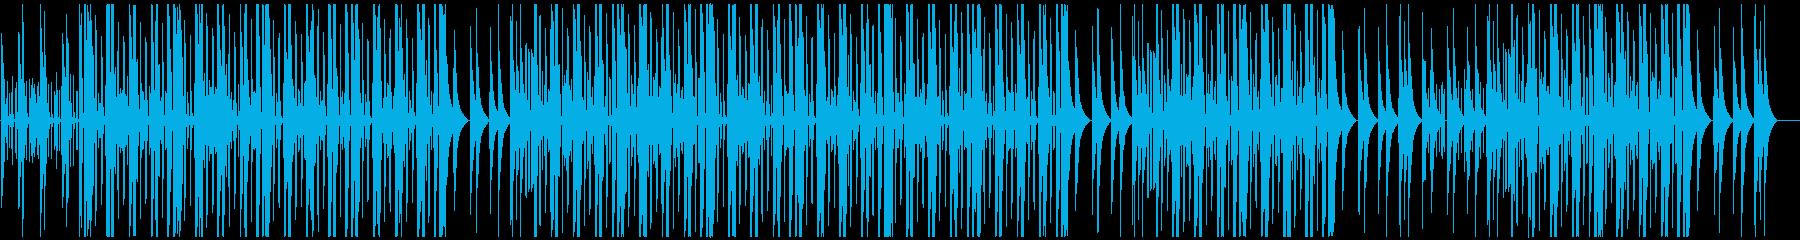 ミドルテンポポップダンス、R&Bビート♪の再生済みの波形